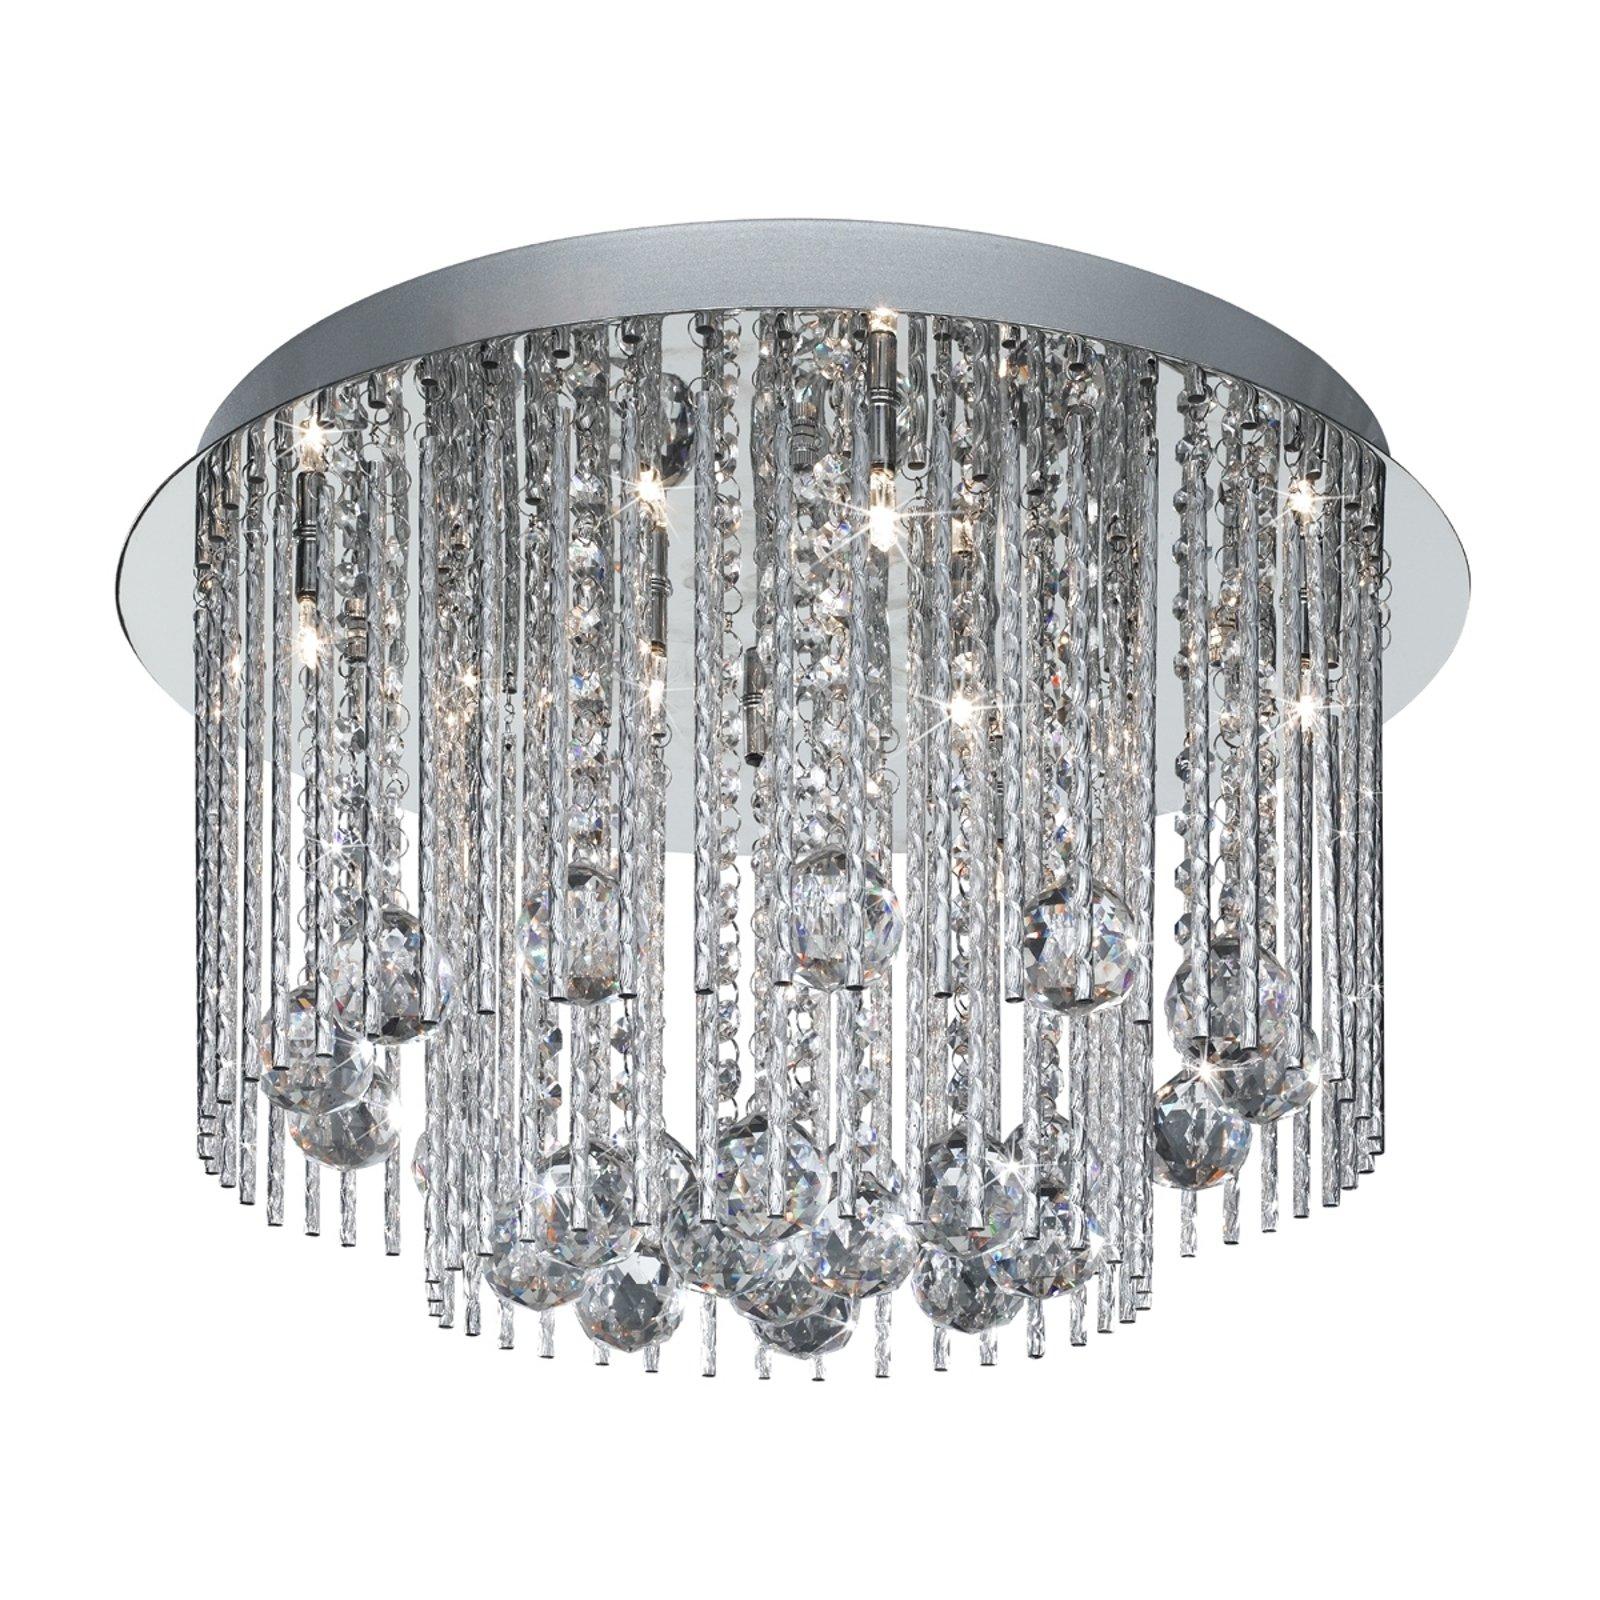 BEATRIX taklampe med krystallpåheng